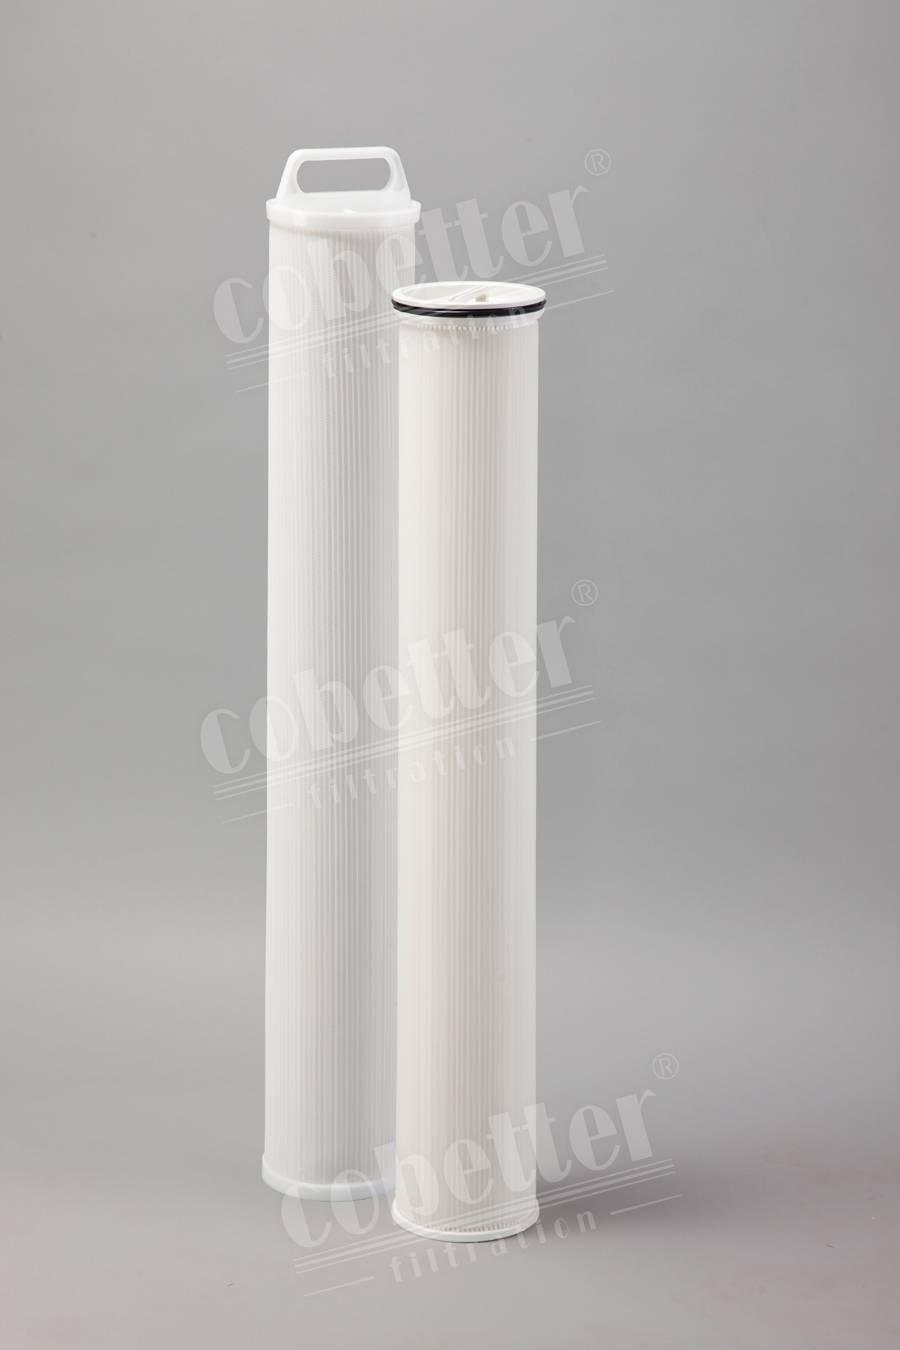 Cobetter HF150 Series High Flow Filter